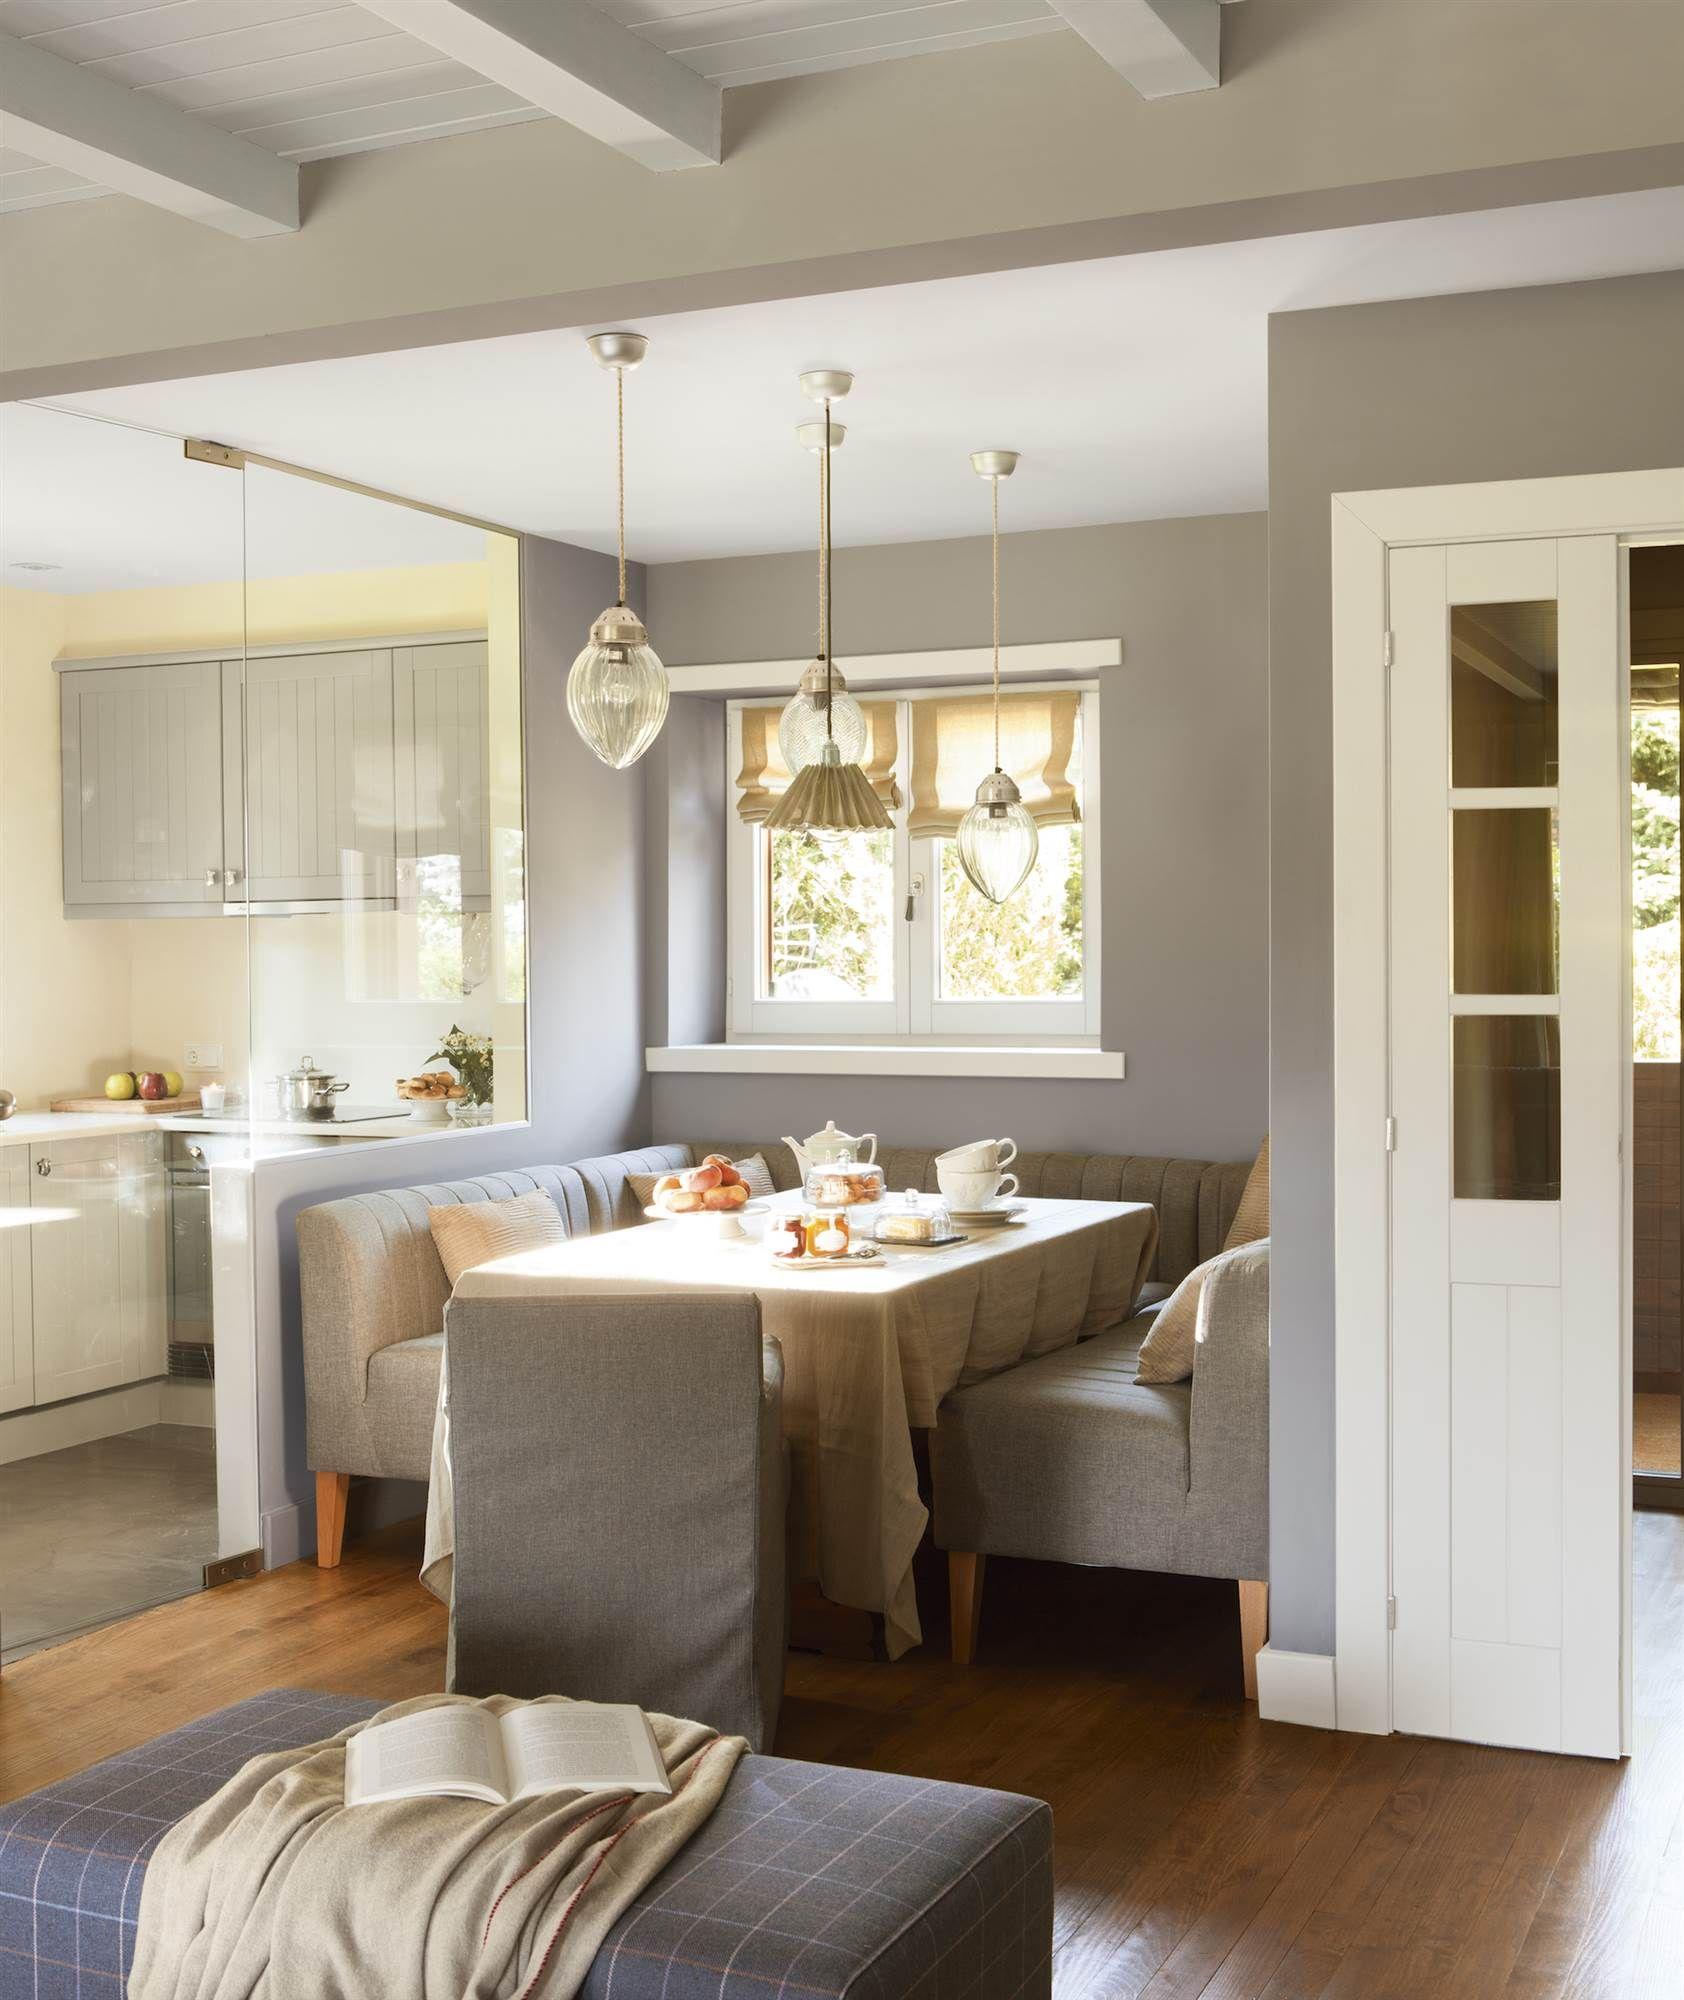 Cómo aprovechar espacios pequeños desde 1 m2 | Banco tapizado ...